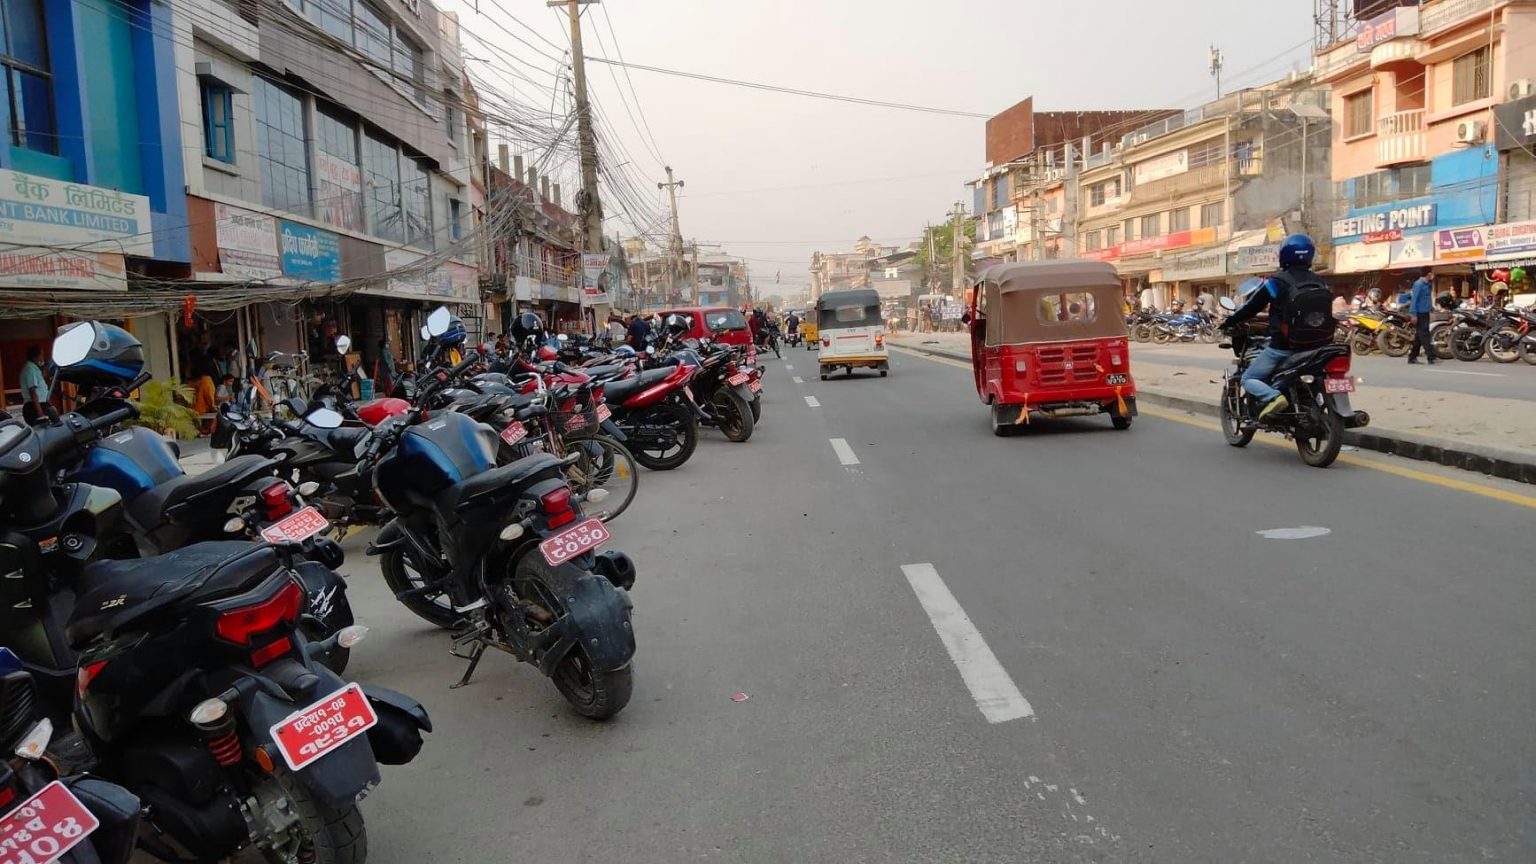 बिर्तामोडमा पार्किङ अस्तव्यस्त, भद्रपुर रोडको दुई लेन सवारीसाधनले ढाक्यो :: Times of Pradesh